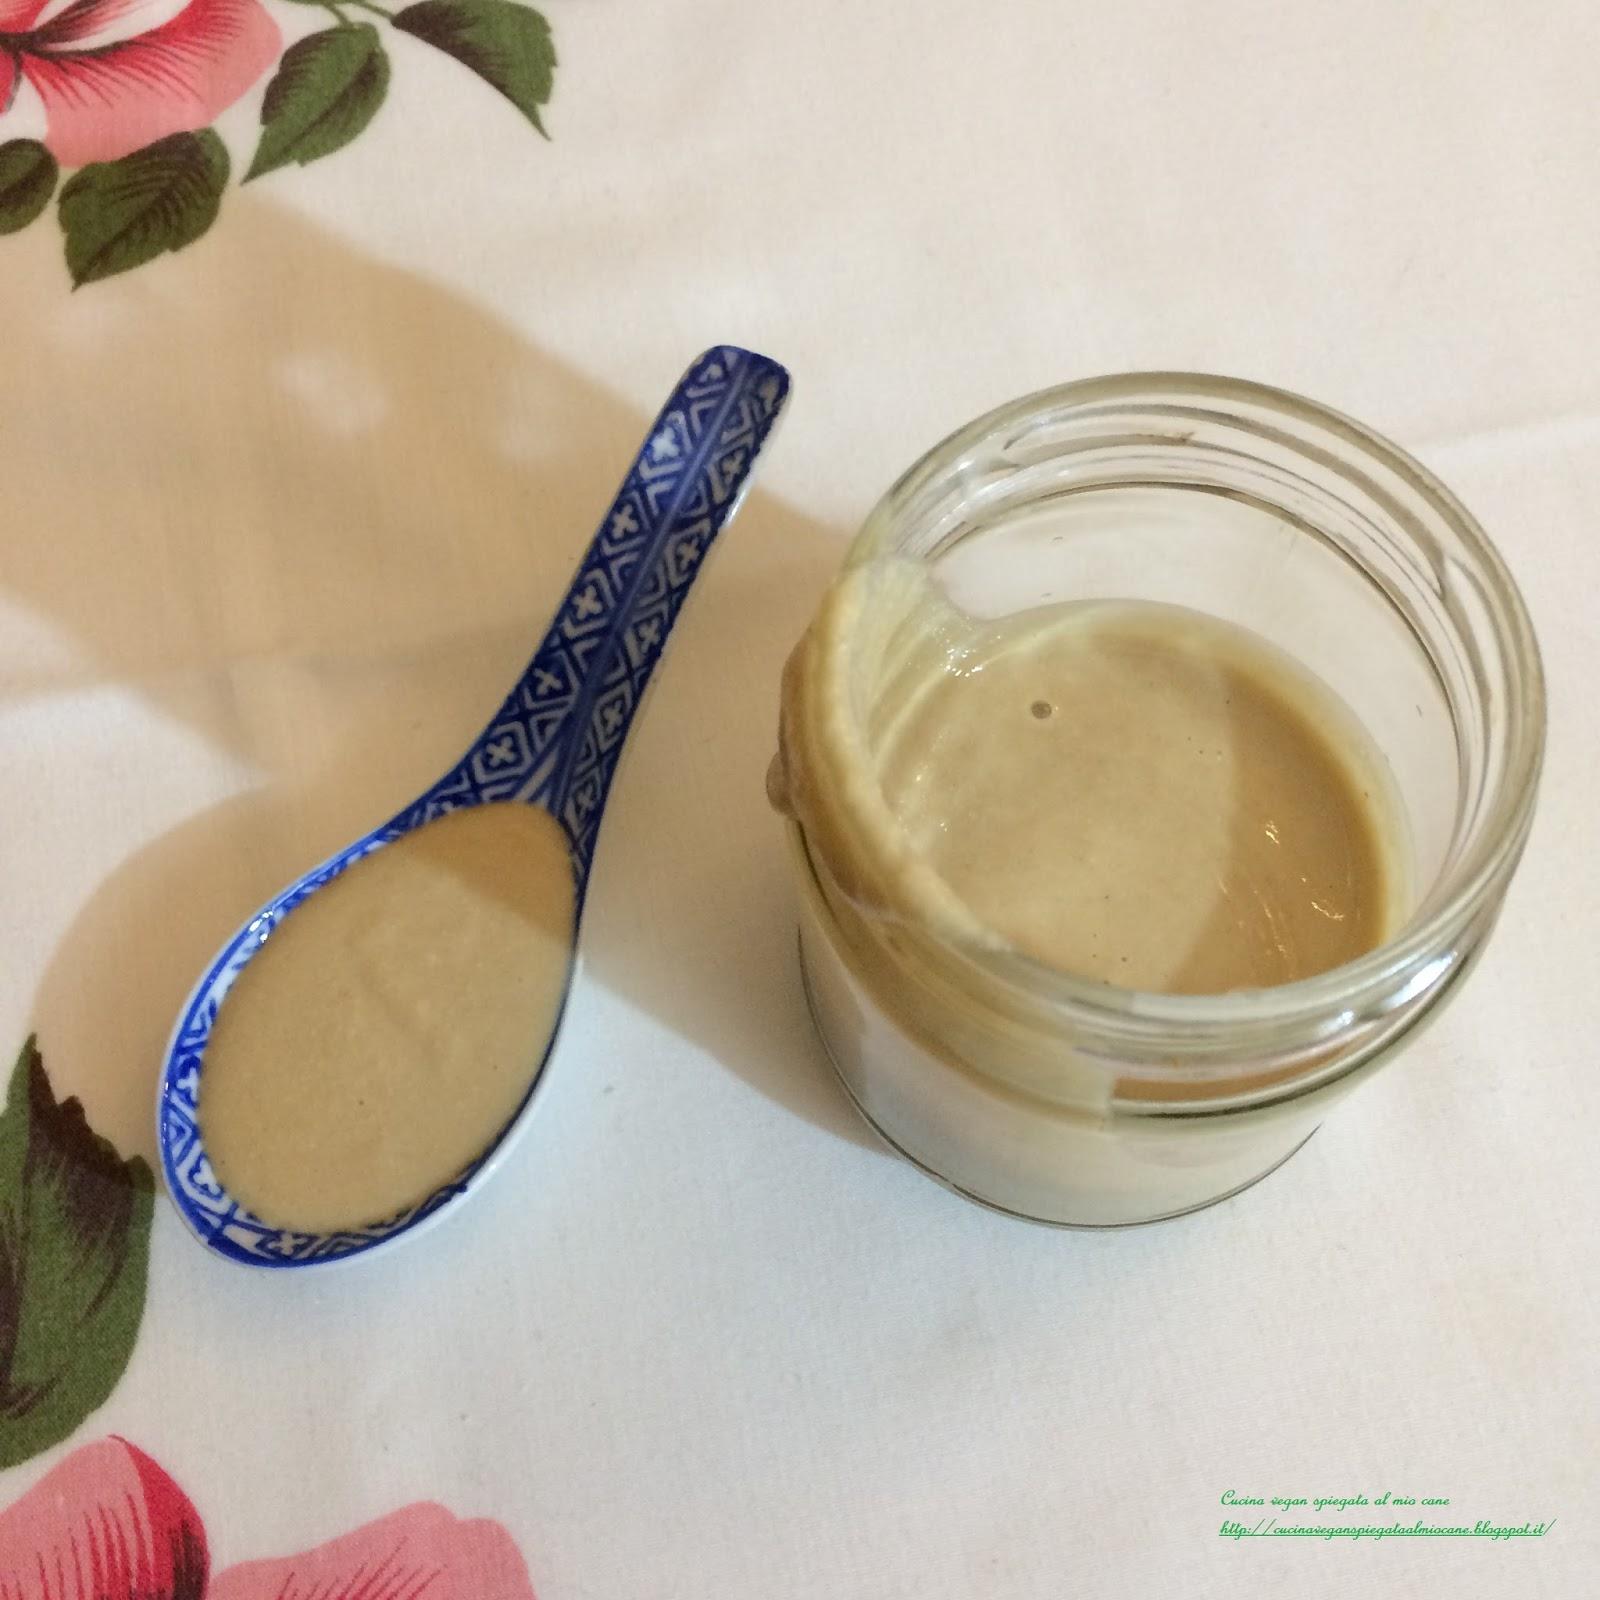 ingredienti per 12 vasetto da 200 gr 100 gr semi di sesamo 3 4 cucchiaini olio di sesamo od olio di girasole bio